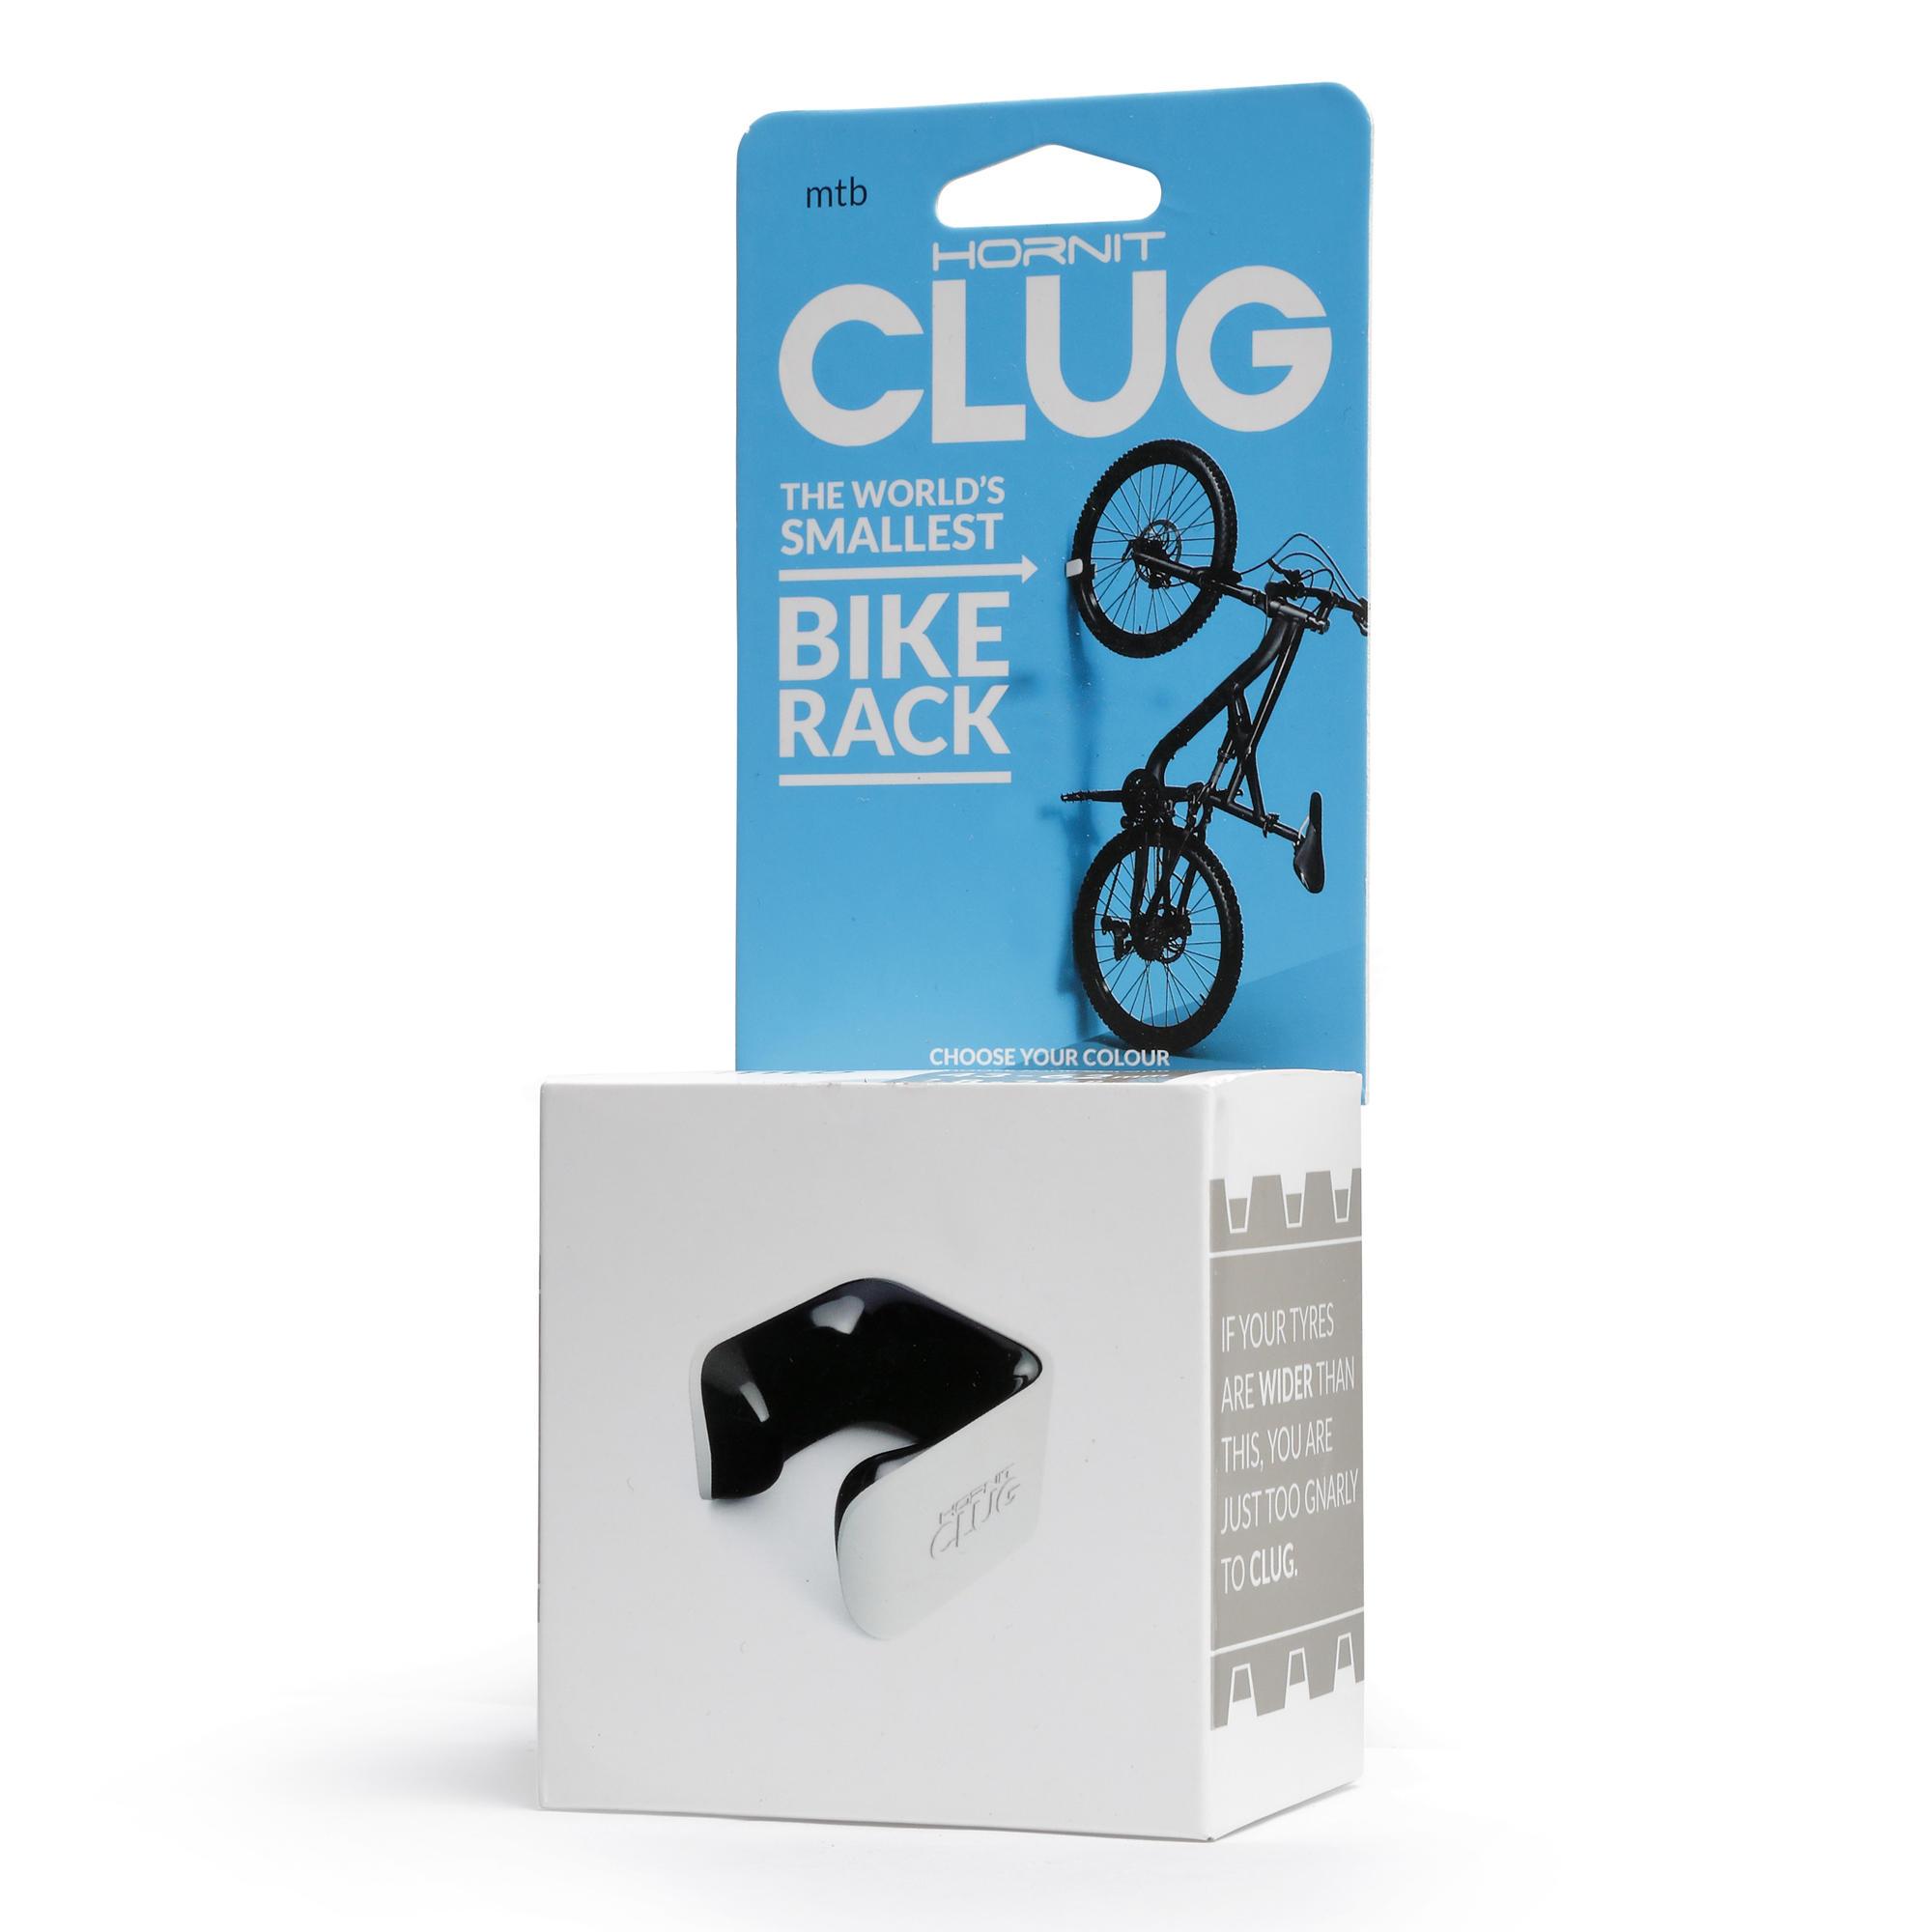 Suport perete bicicletă clug la Reducere poza